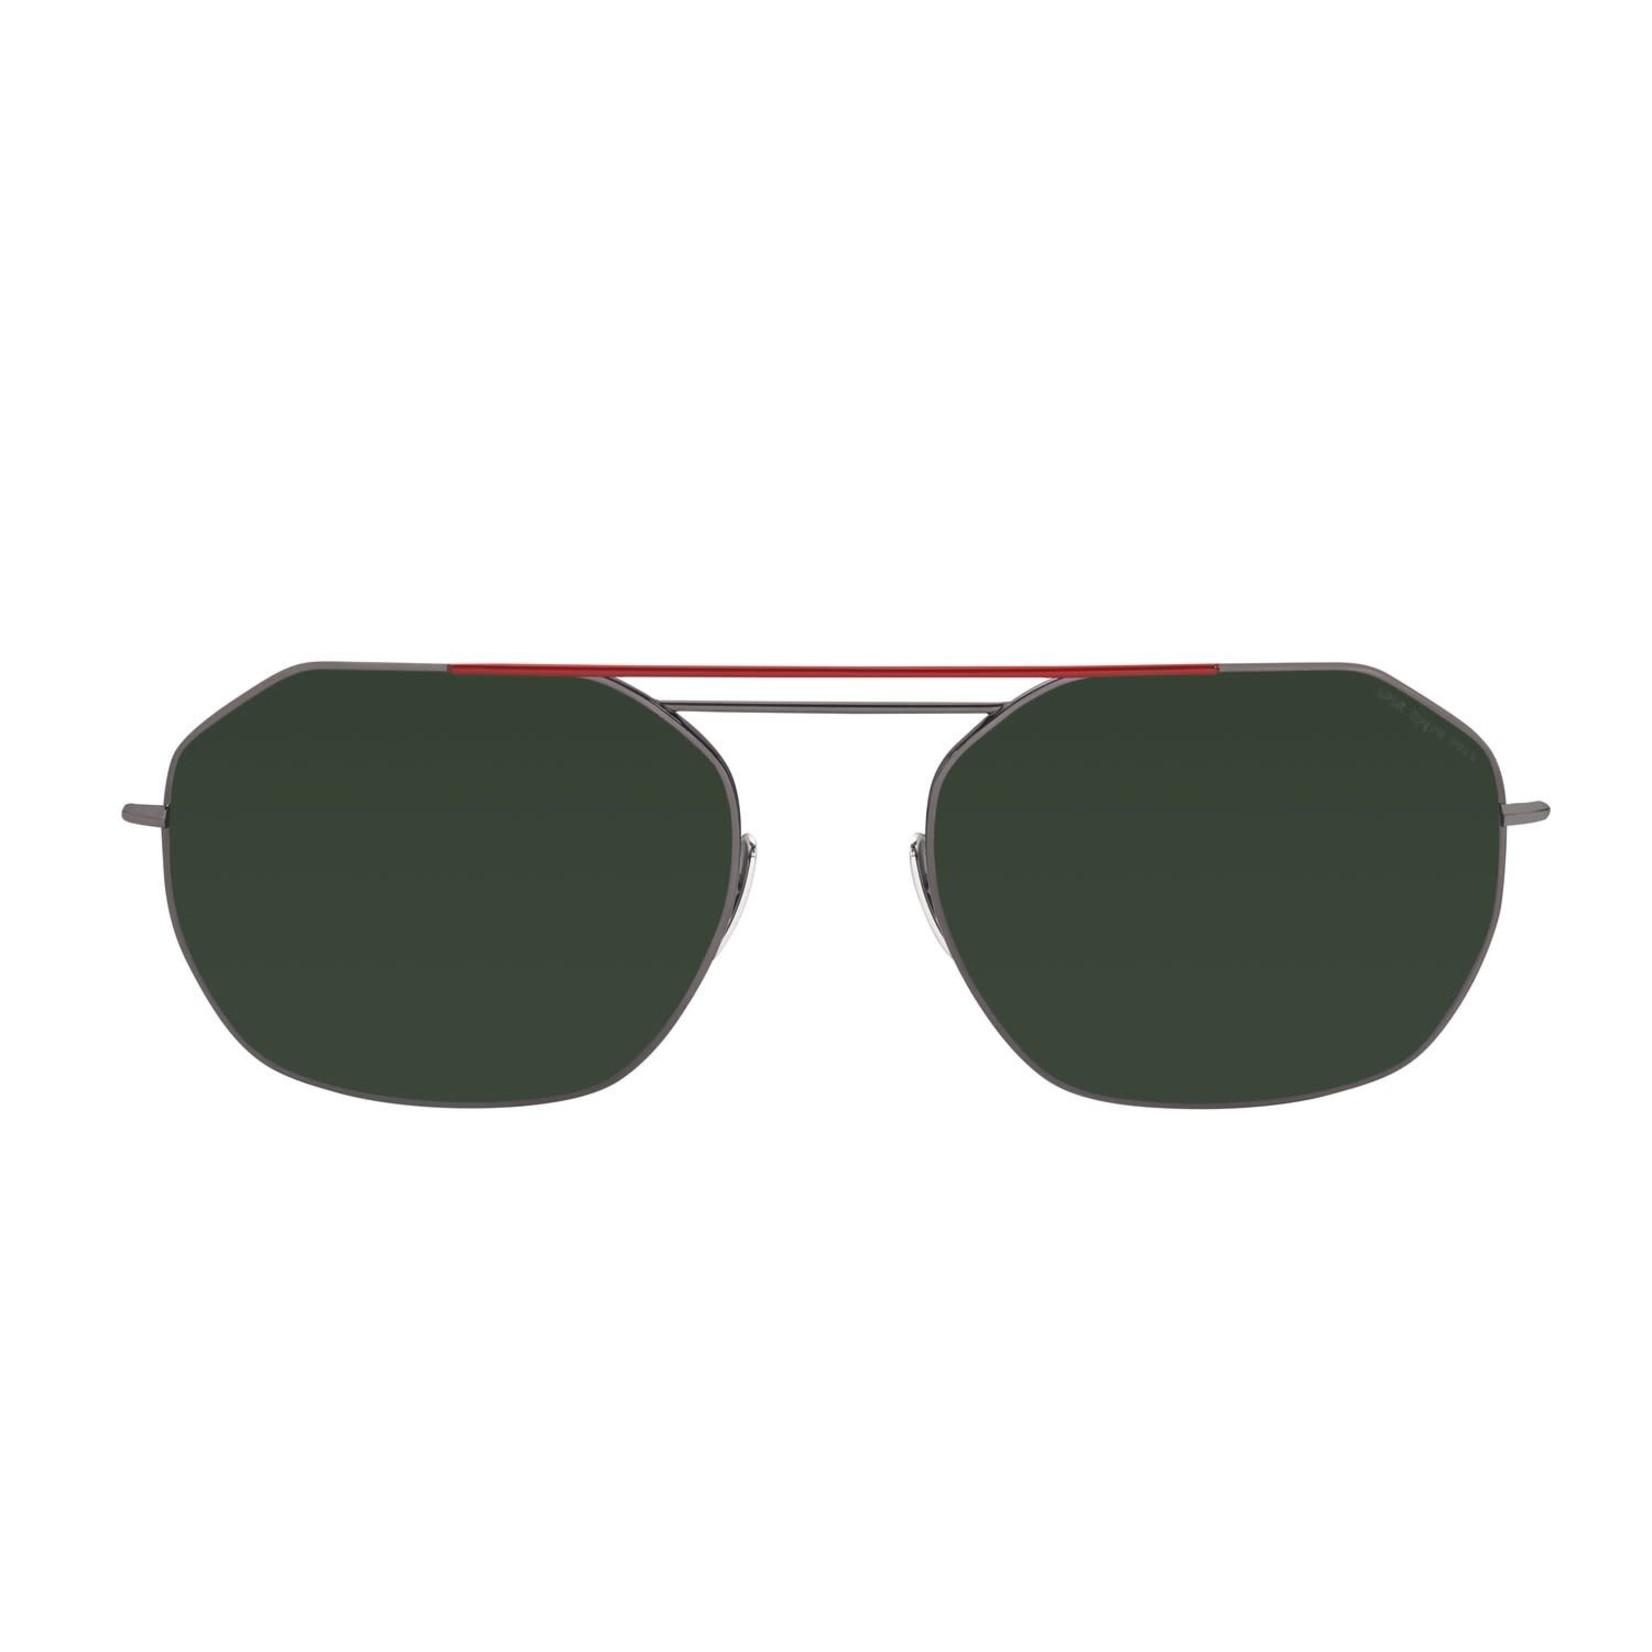 La Petite Lunette Eyewear LPLR Hygre Sun